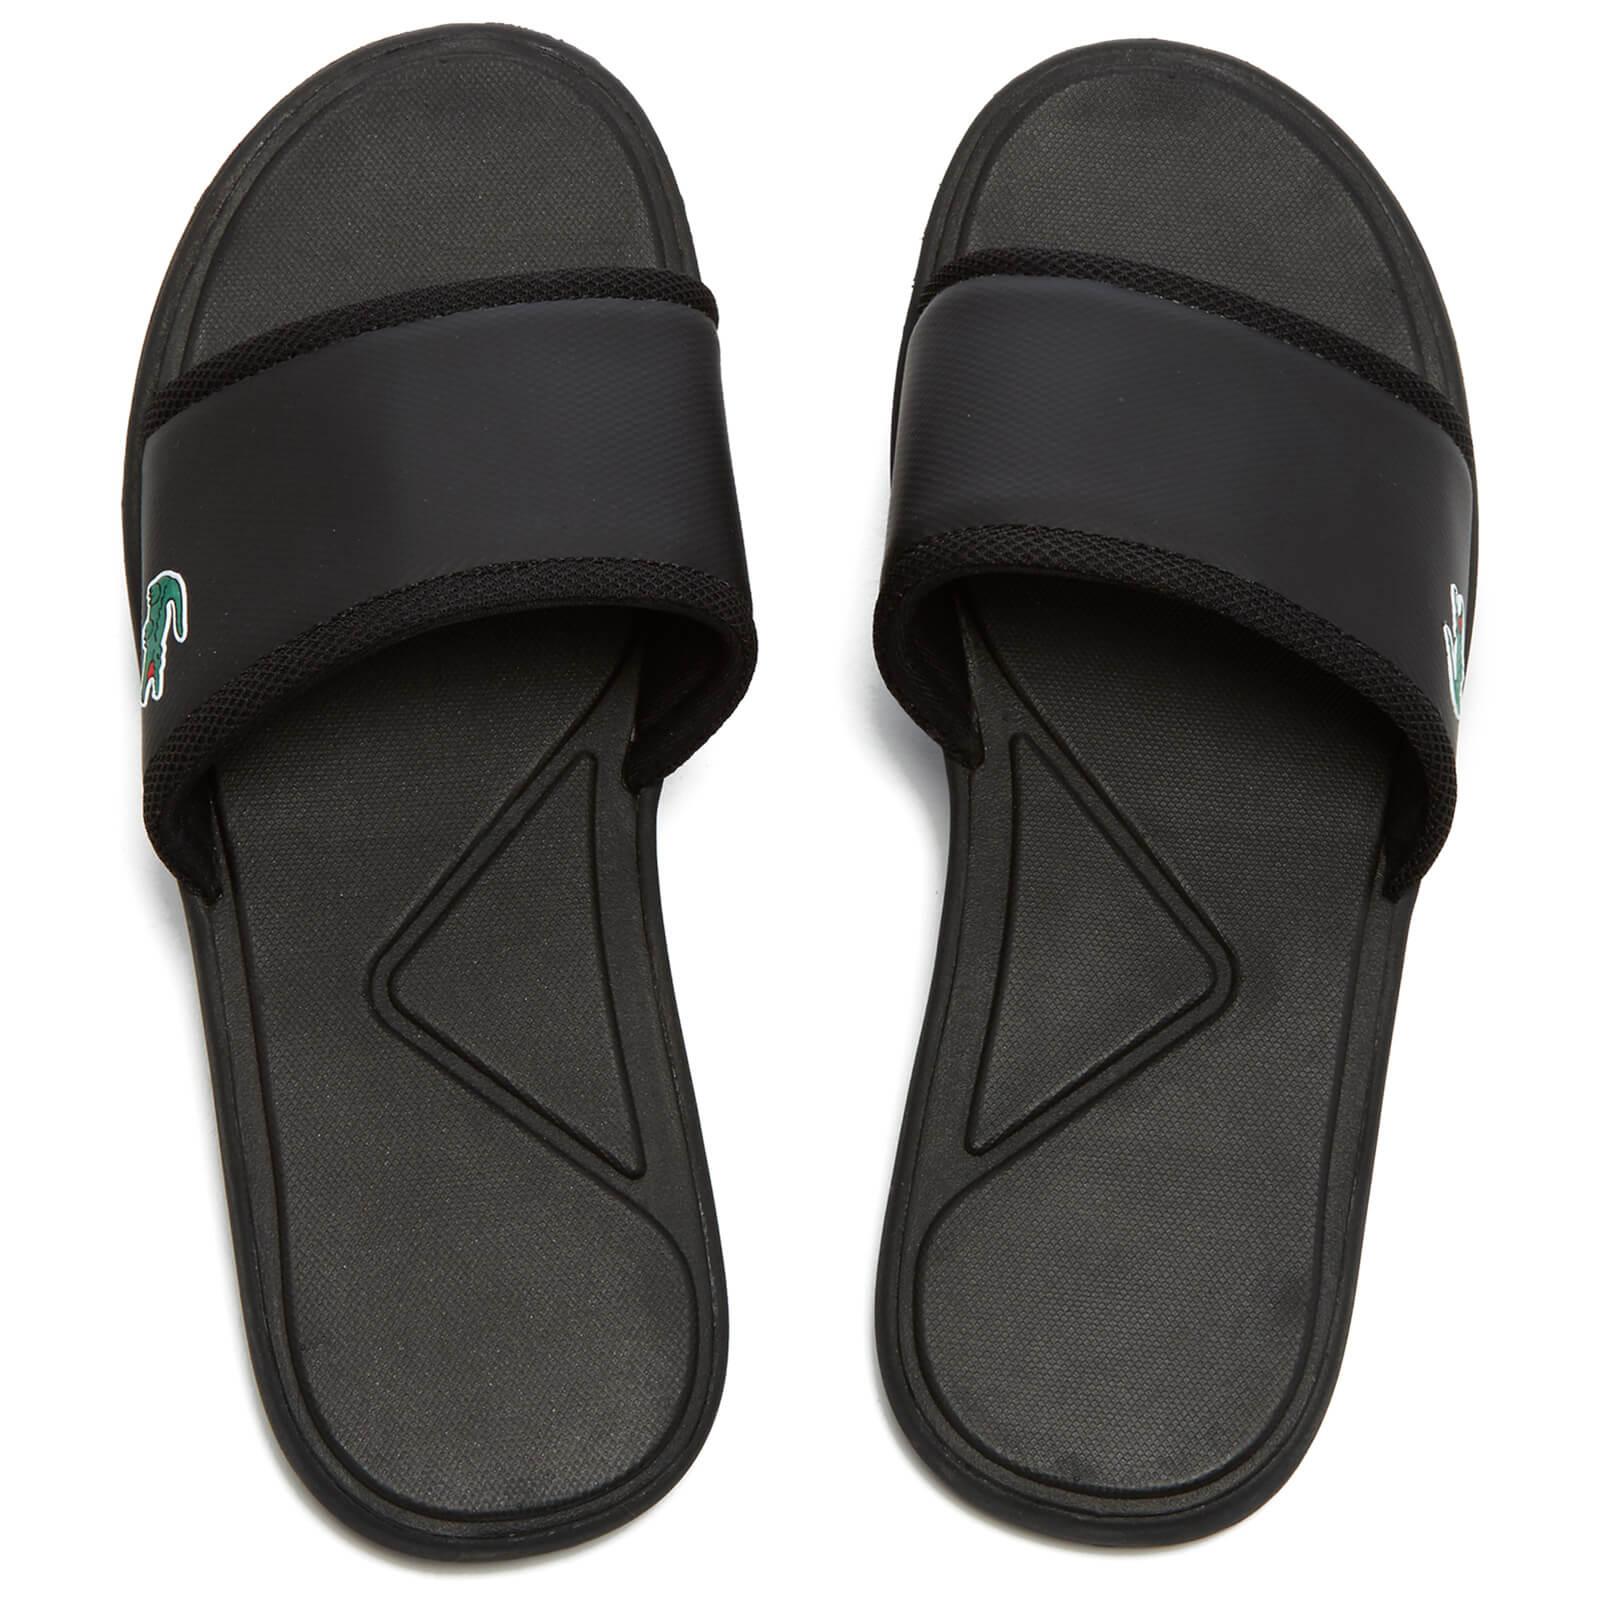 c9eed157f615 Lacoste Men s L.30 Slide Sport Slide Sandals - Black - Free UK Delivery  over £50